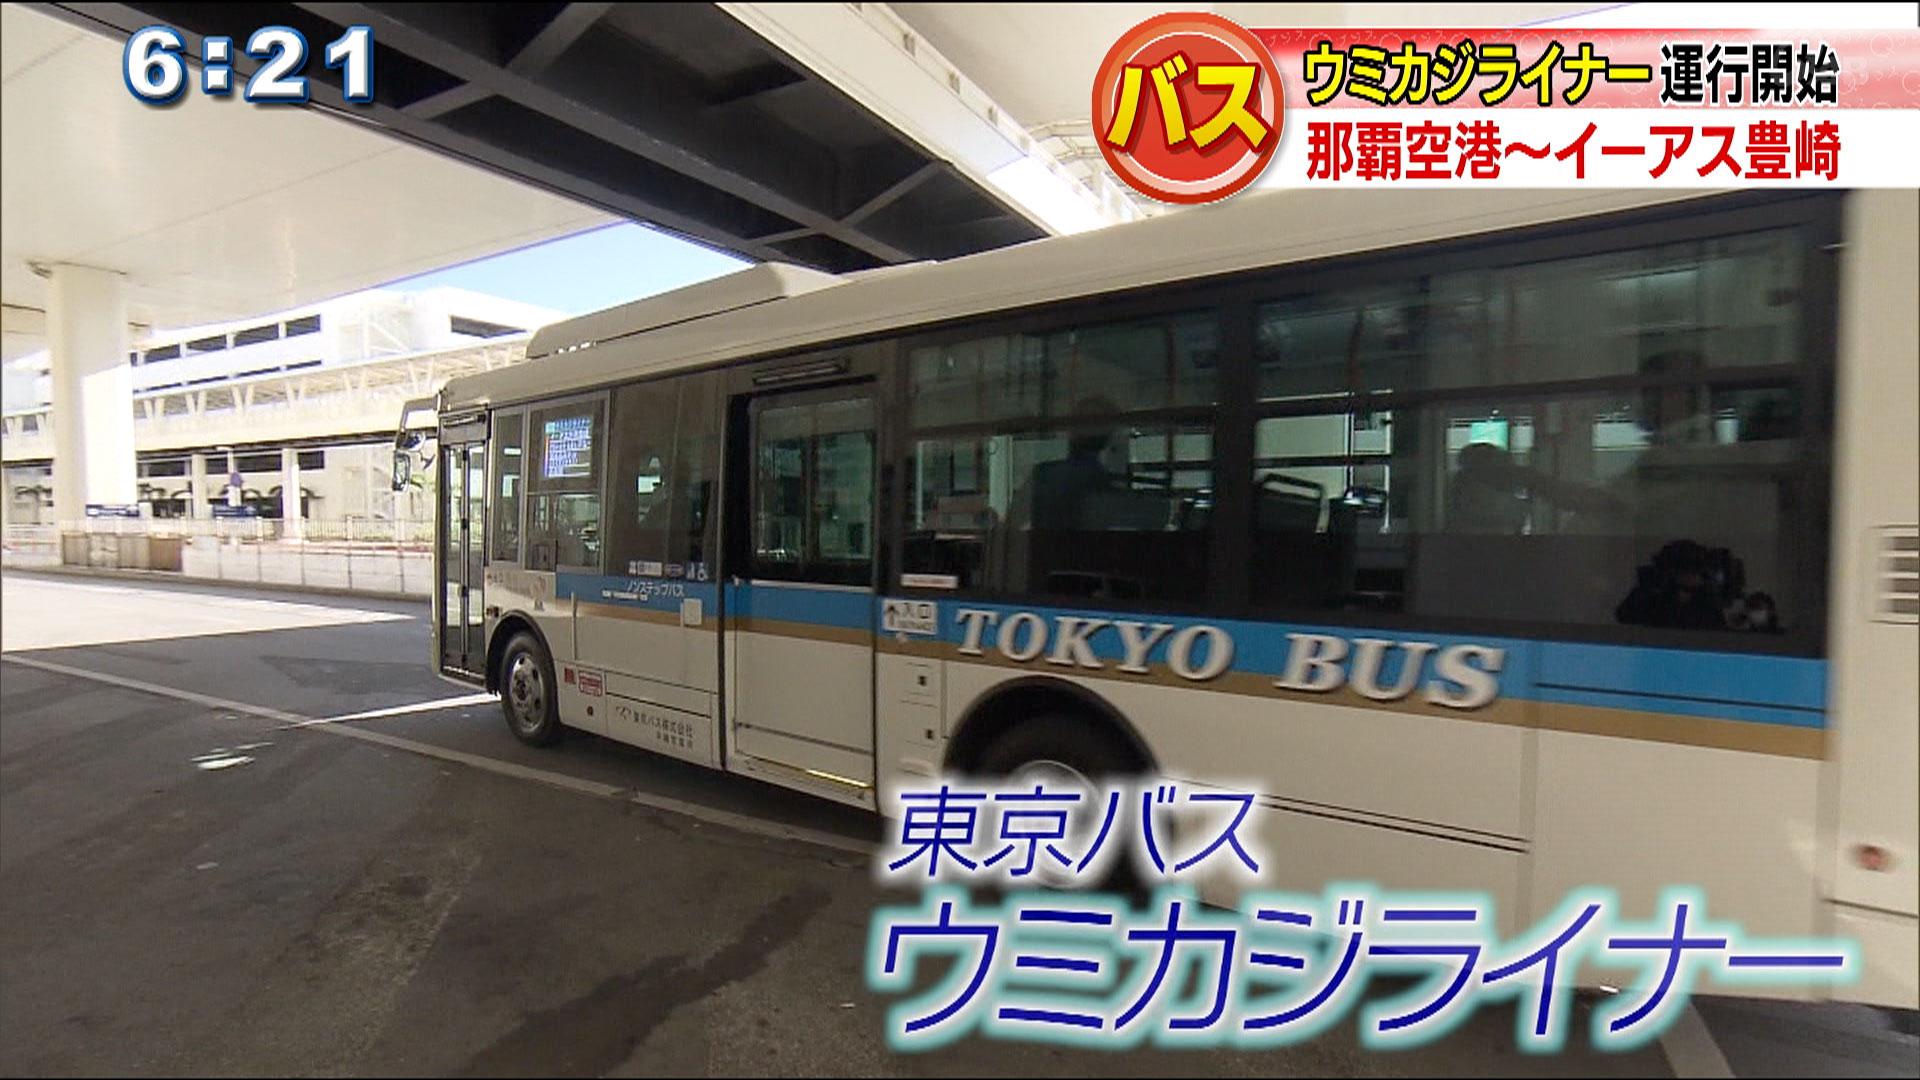 ウミカジライナー運行始まる 東京バスが沖縄に進出